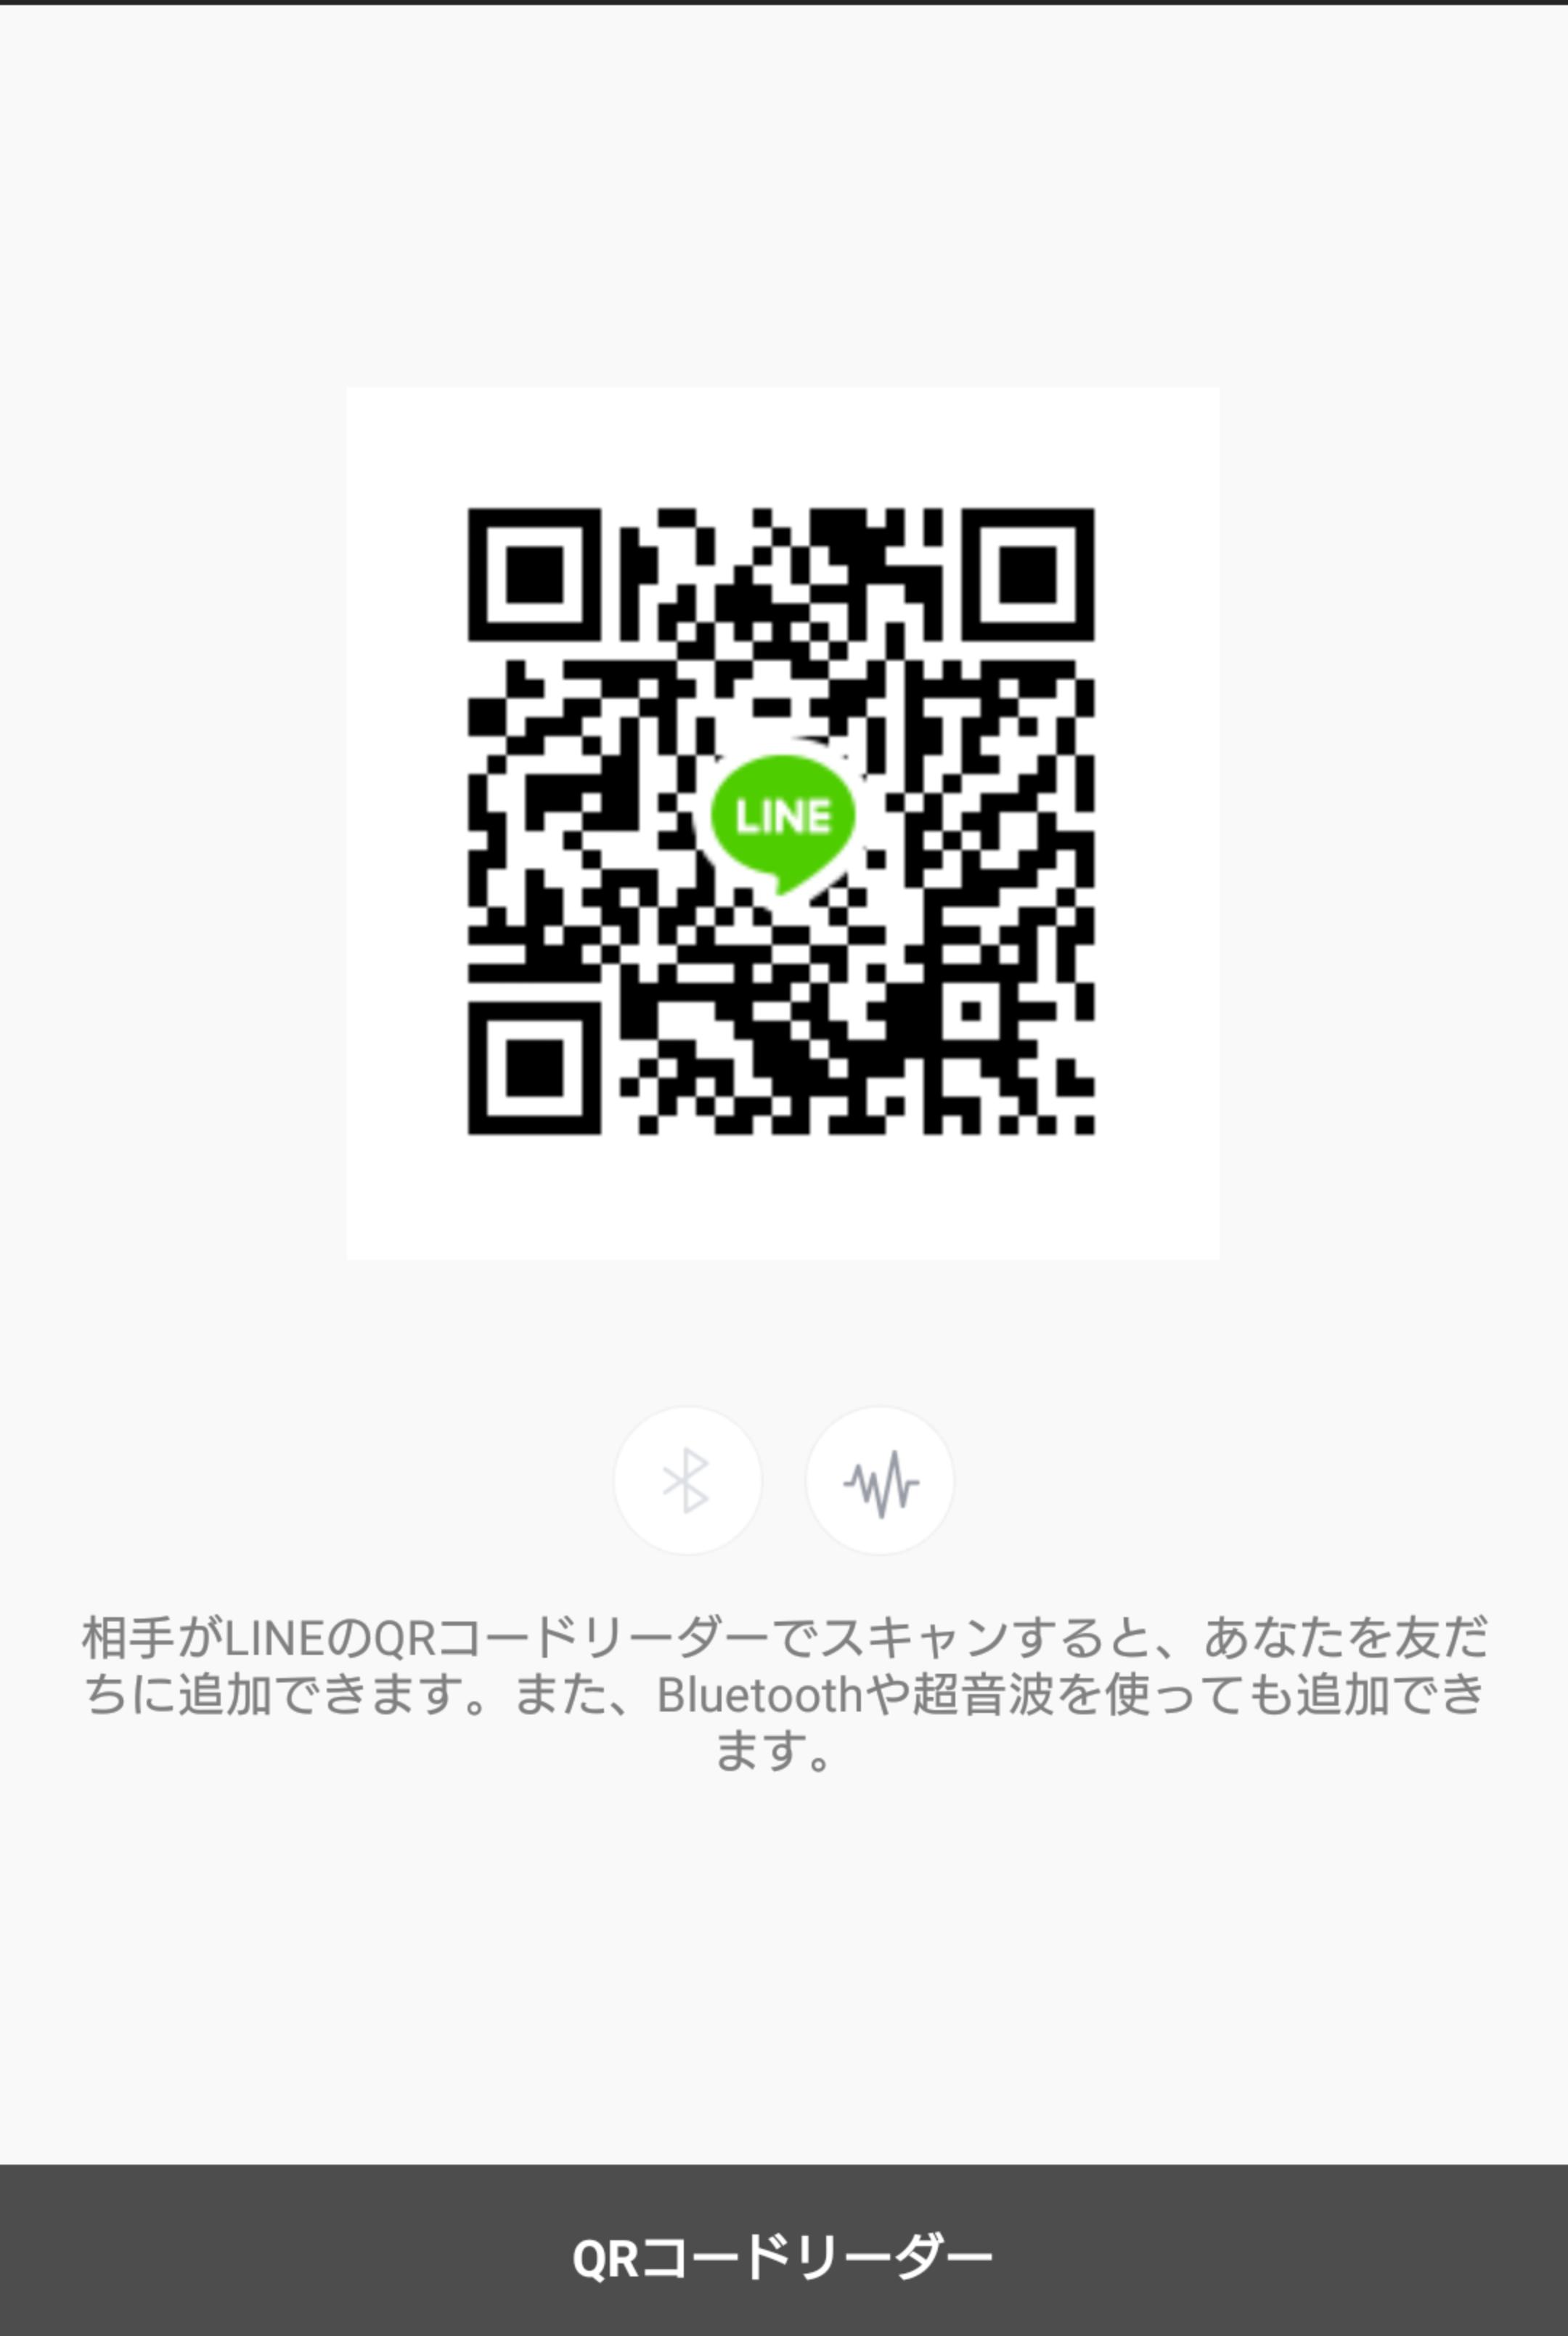 ゆきぴさんのLINE QRコード